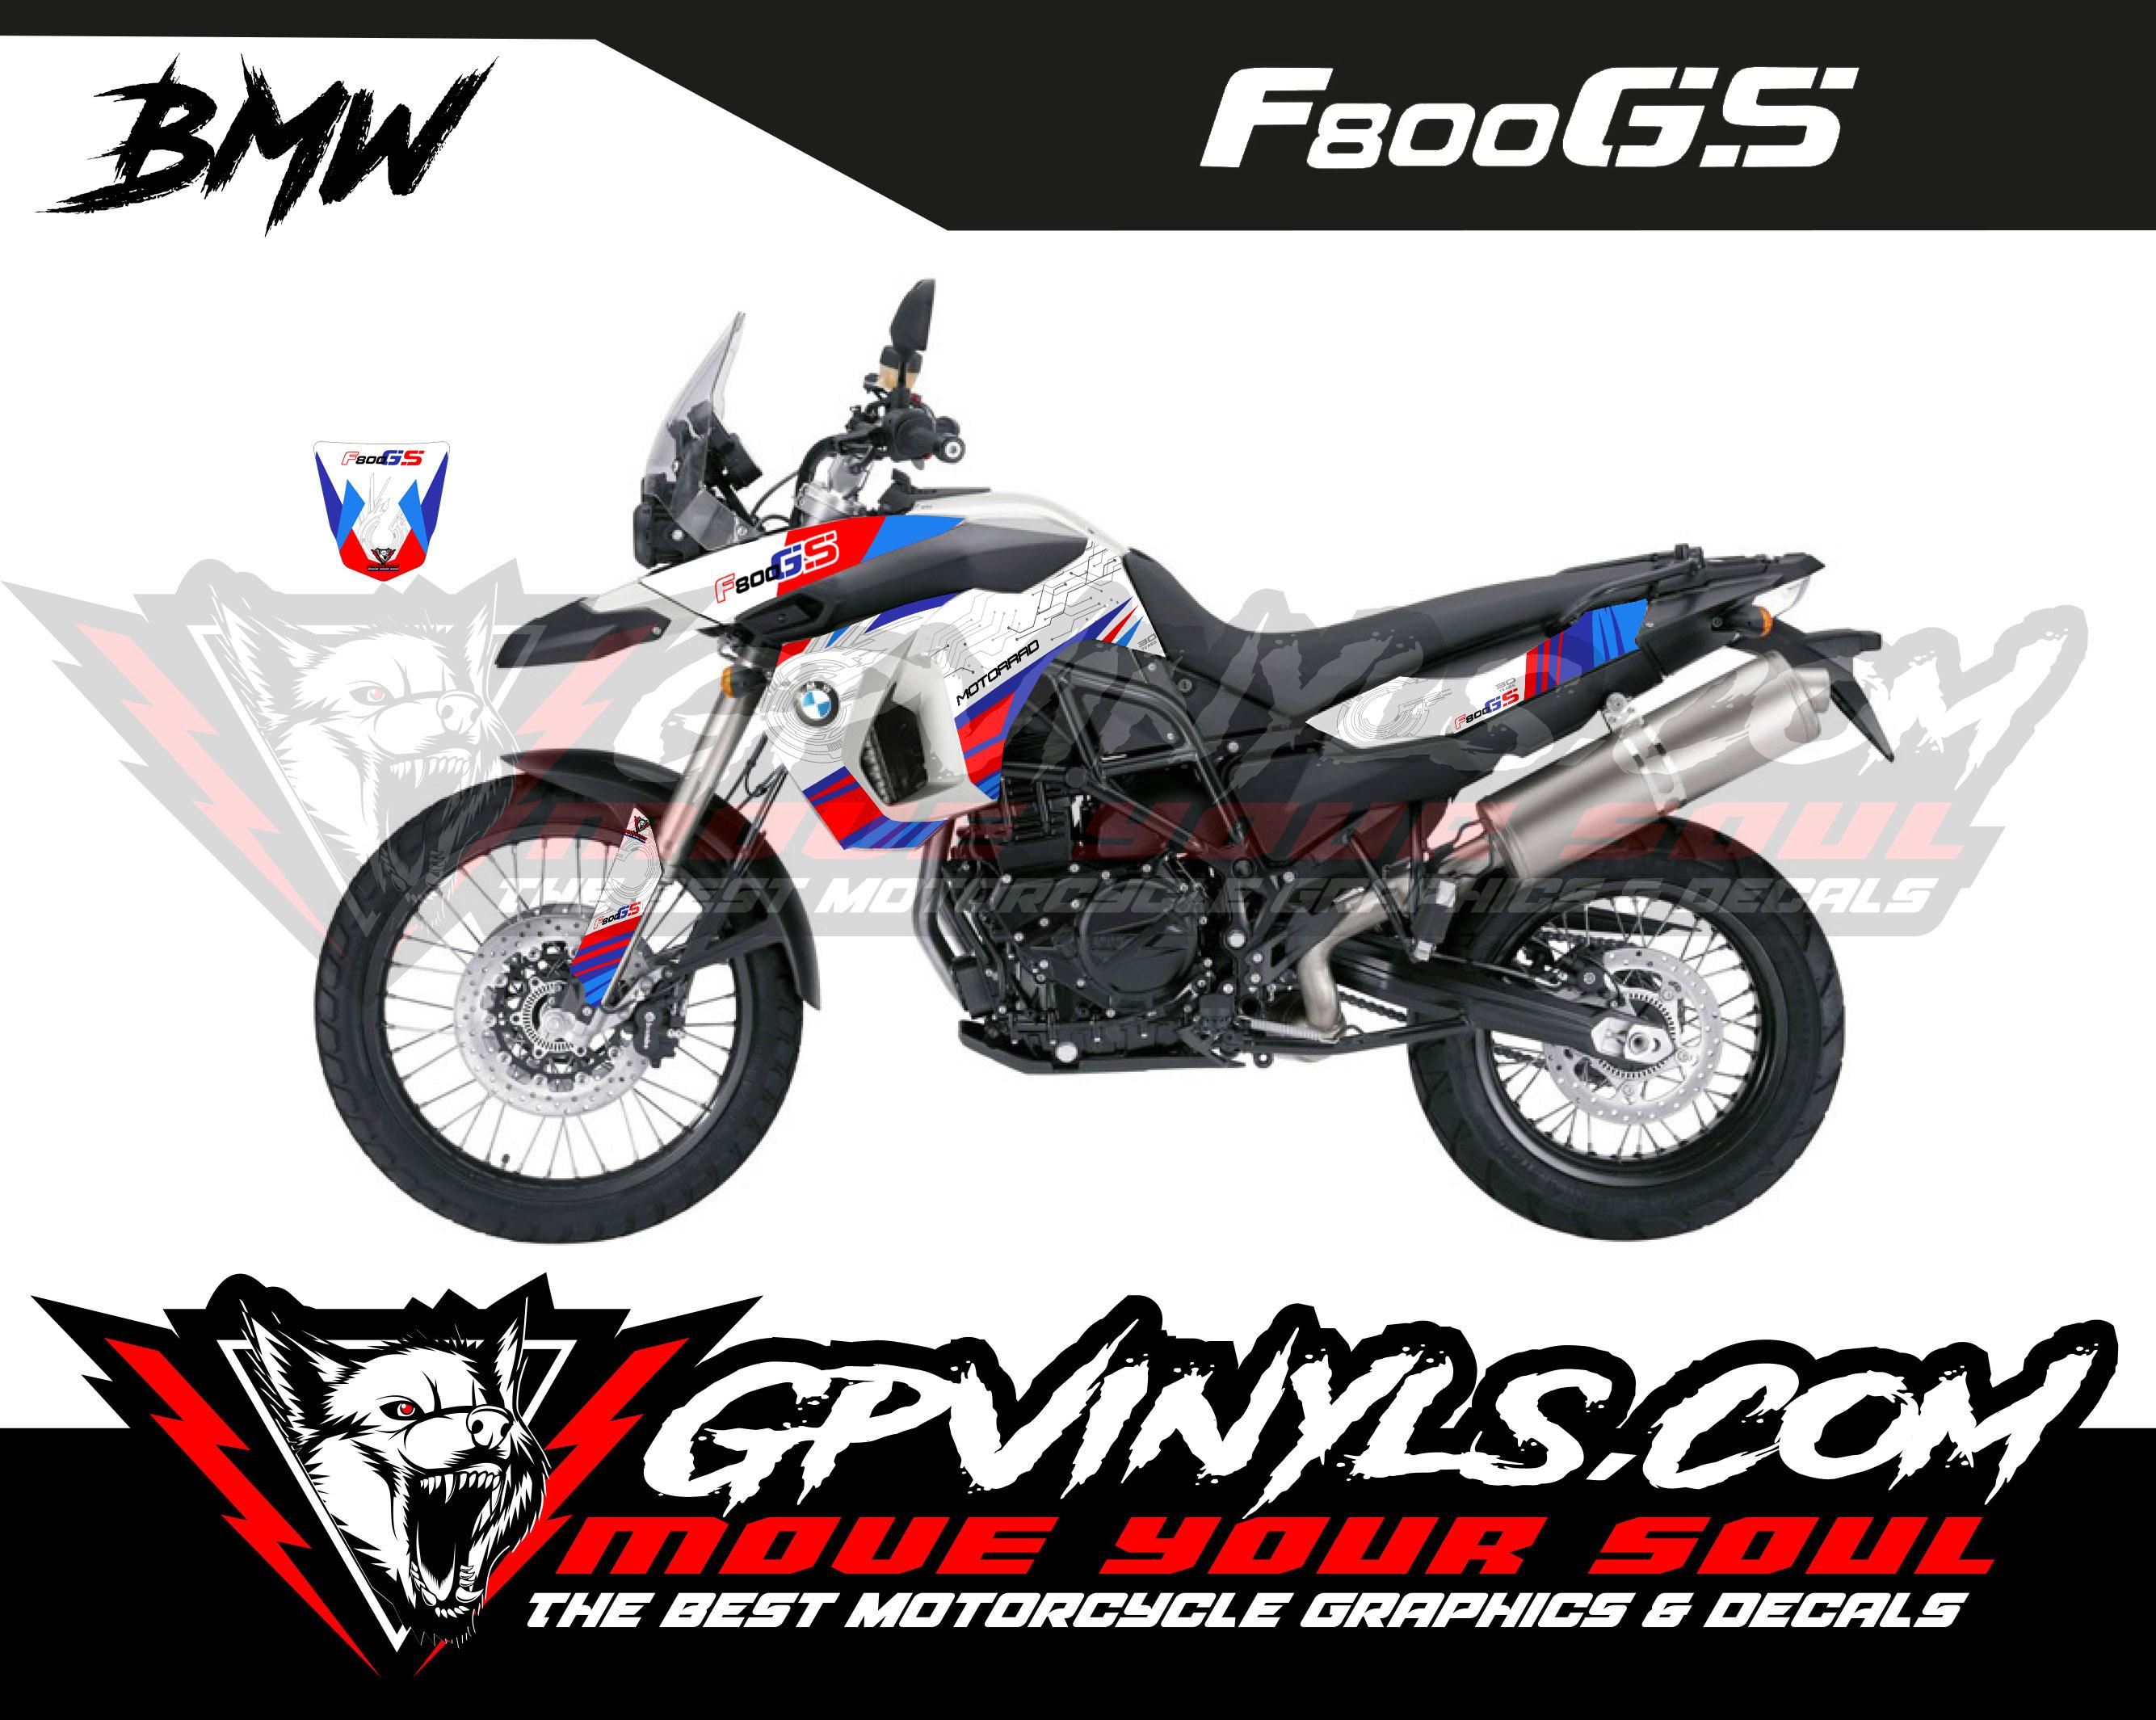 Graphic Decals Bmw F 800 Gs Gpvinyls